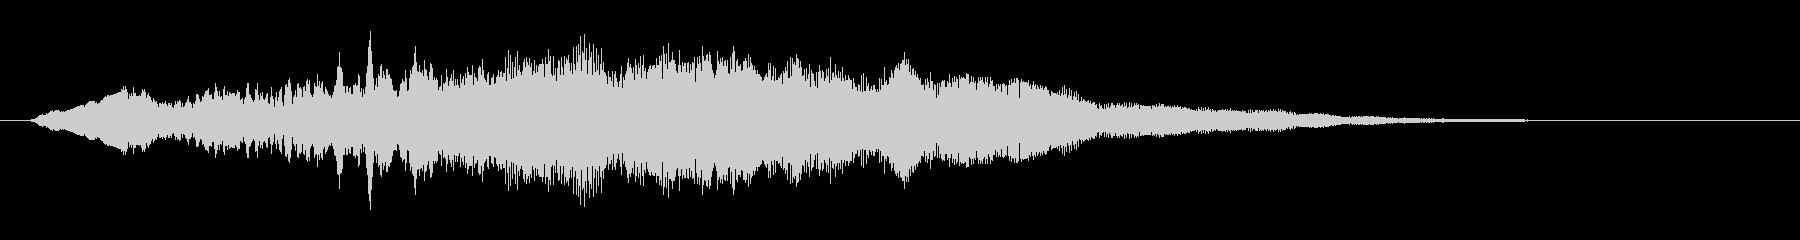 爽やかで深い音色のサウンドロゴの未再生の波形